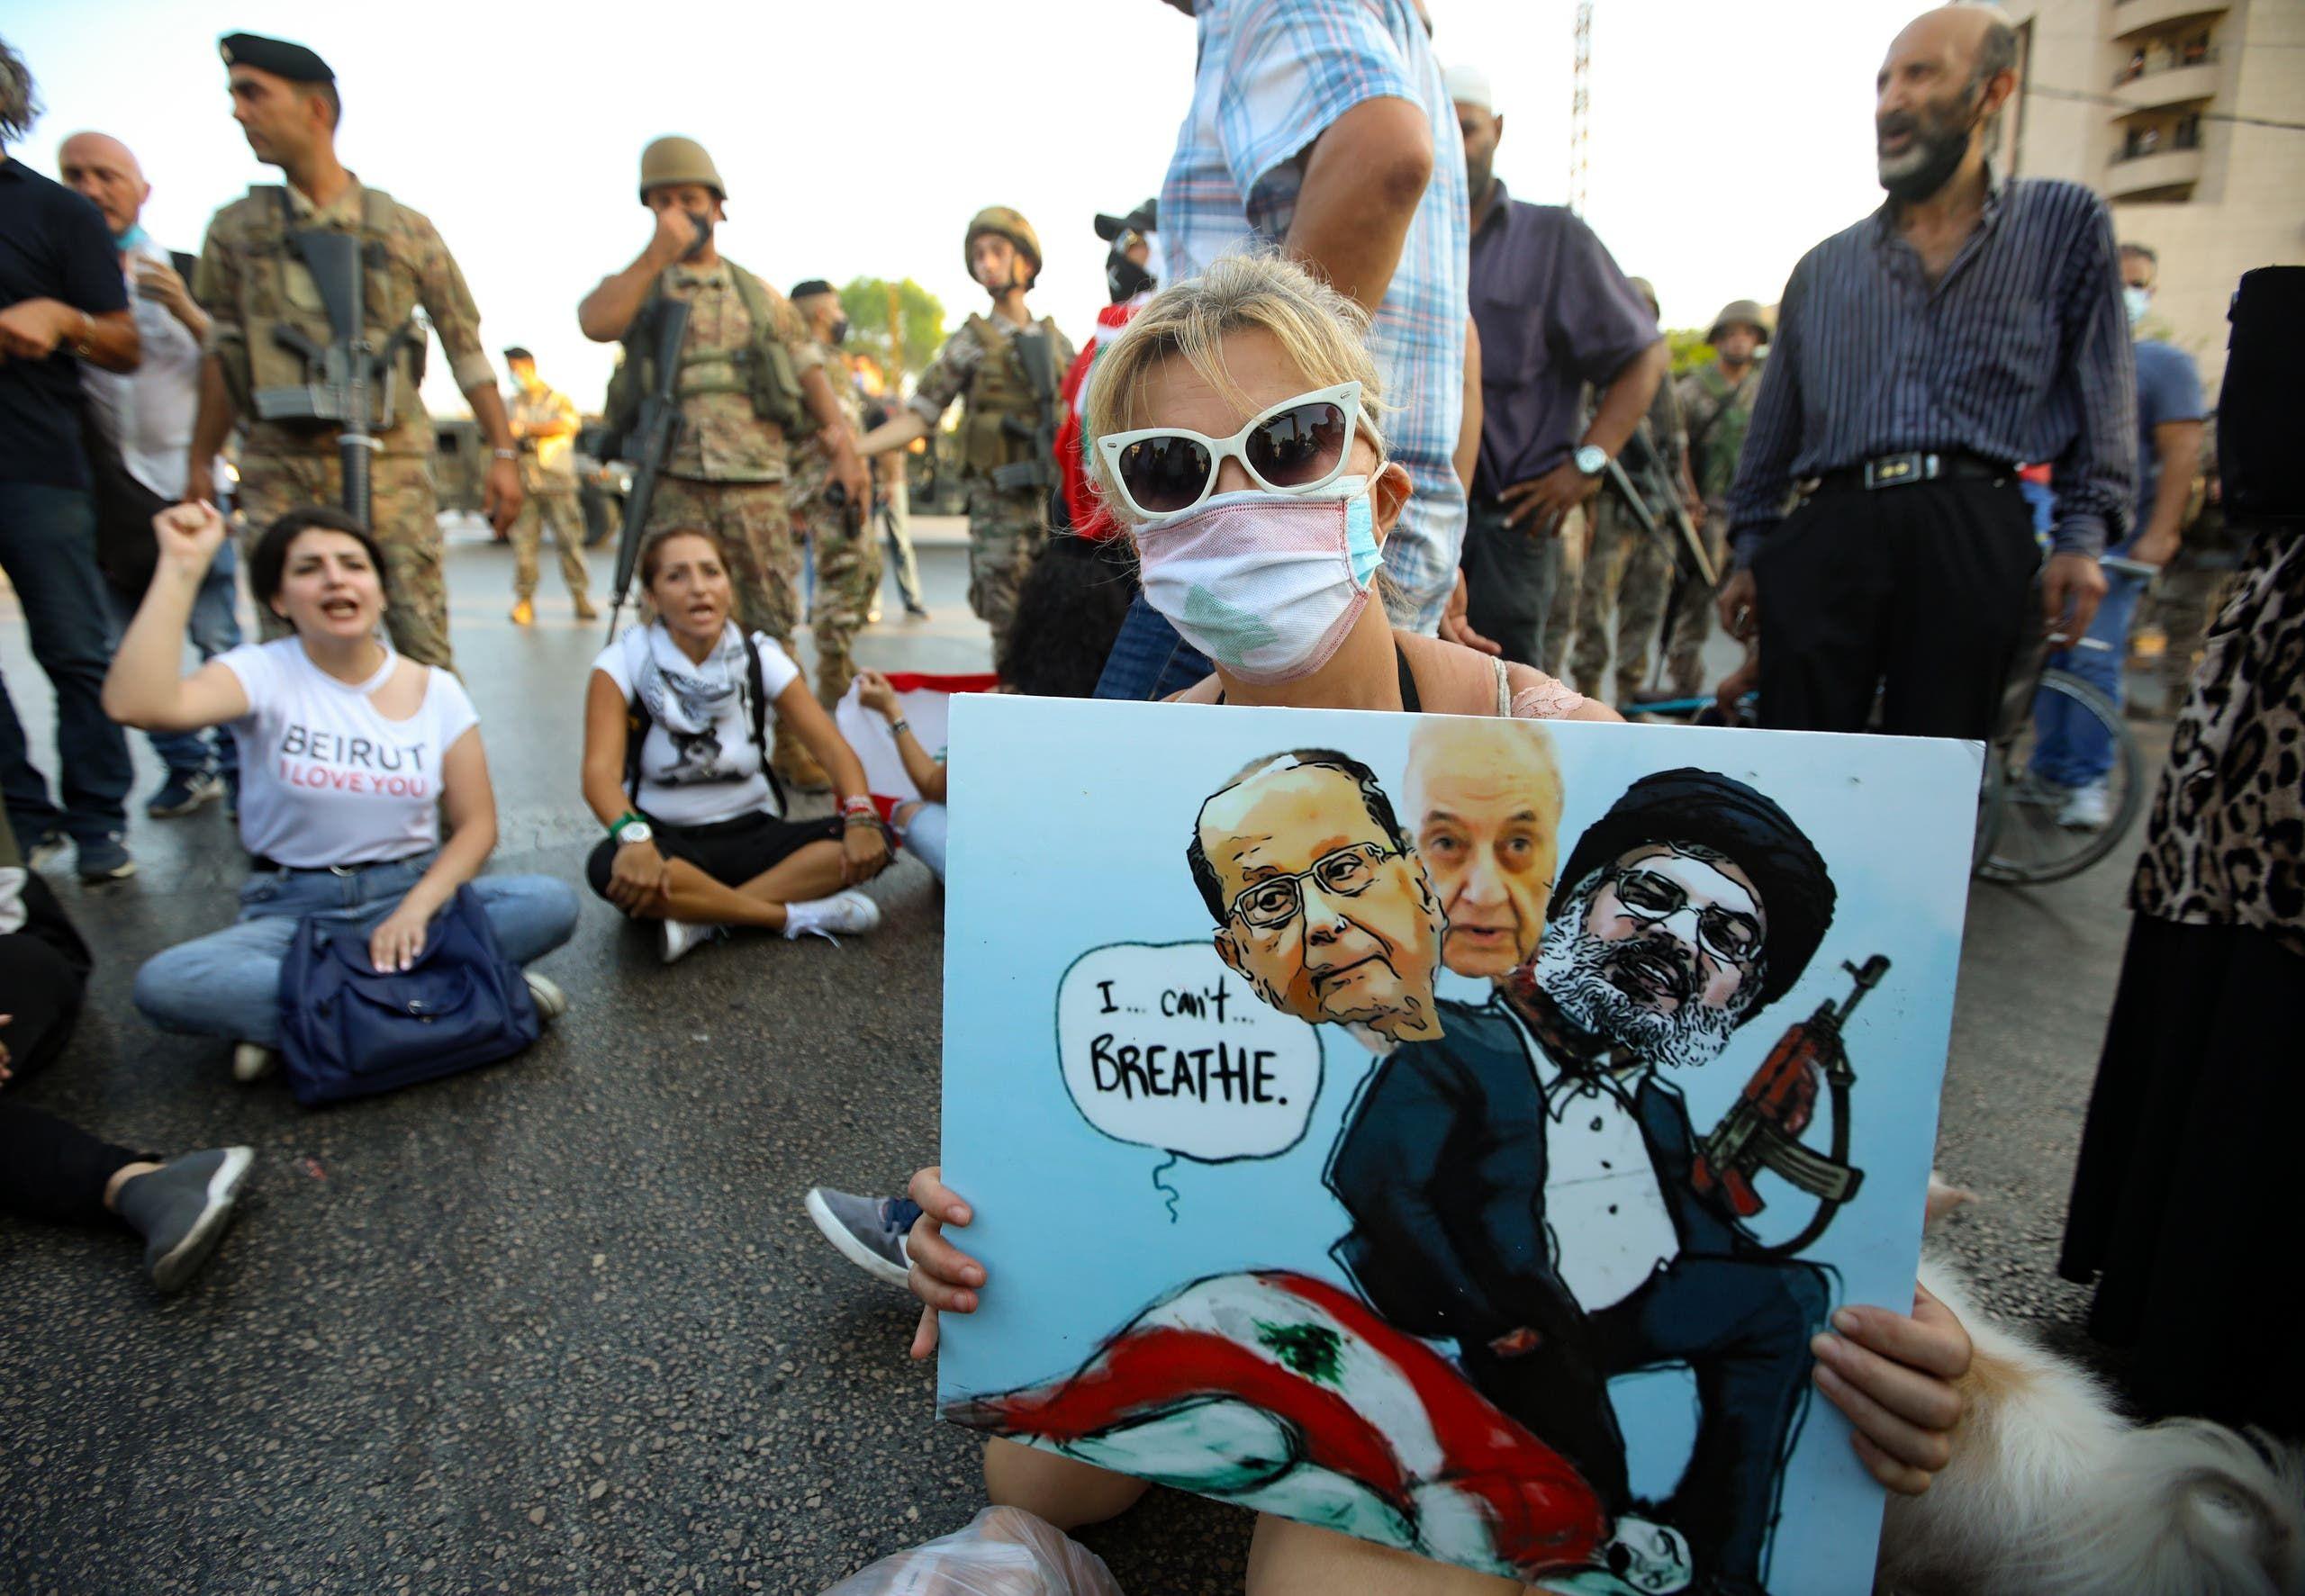 متظاهرة تحمل رسما يظهر زعيم حزب الله والرئيس اللبناني ميشال عون ورئيس البرلمان نبيه بري جاثمين على العلم اللبناني (أرشيفية فرانس برس)